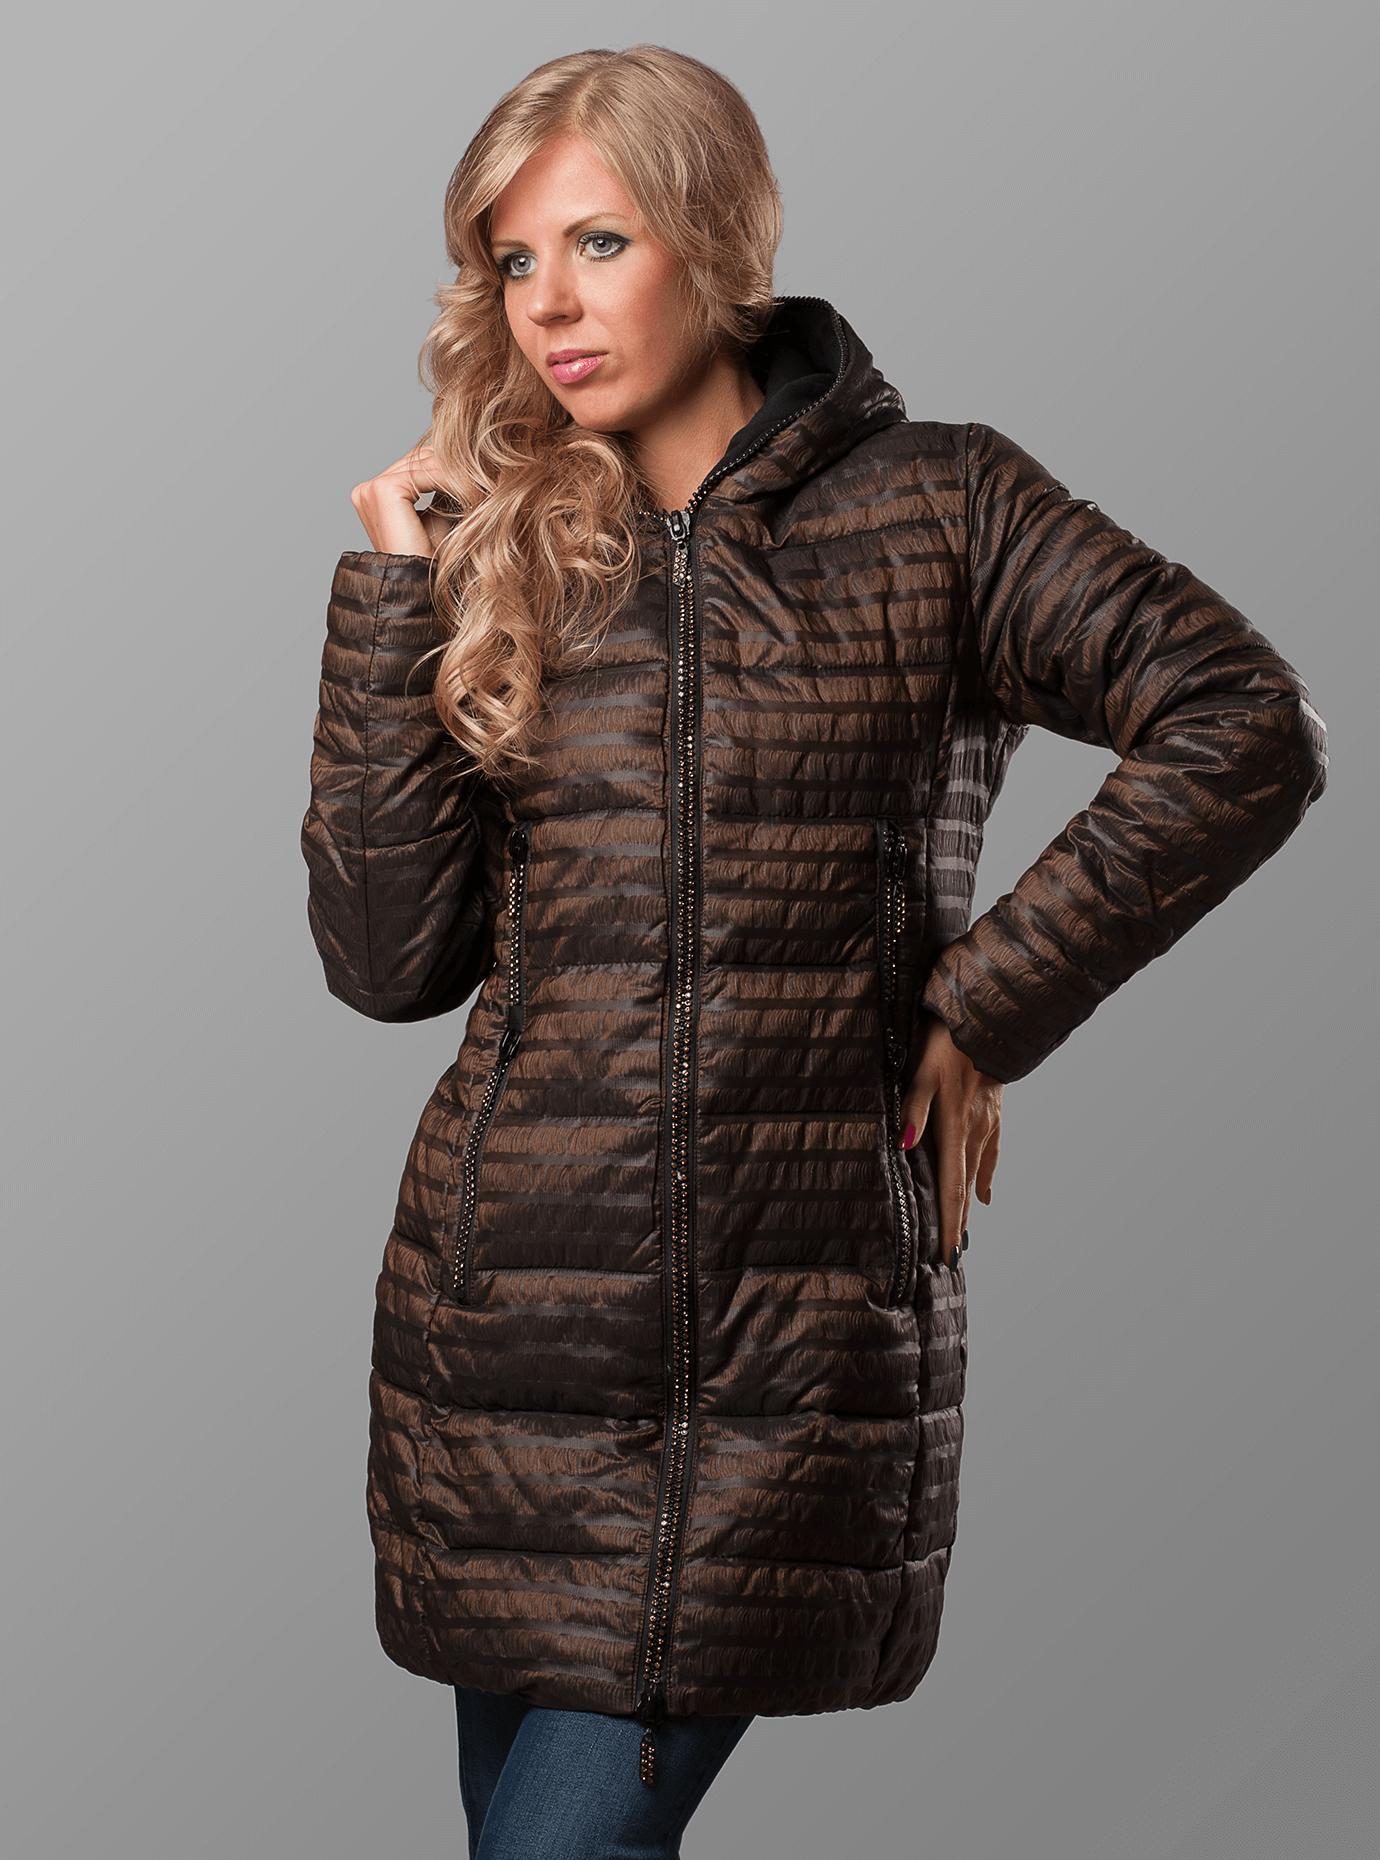 Куртка зимняя женская Коричневый S (01-RR16010): фото - Alster.ua